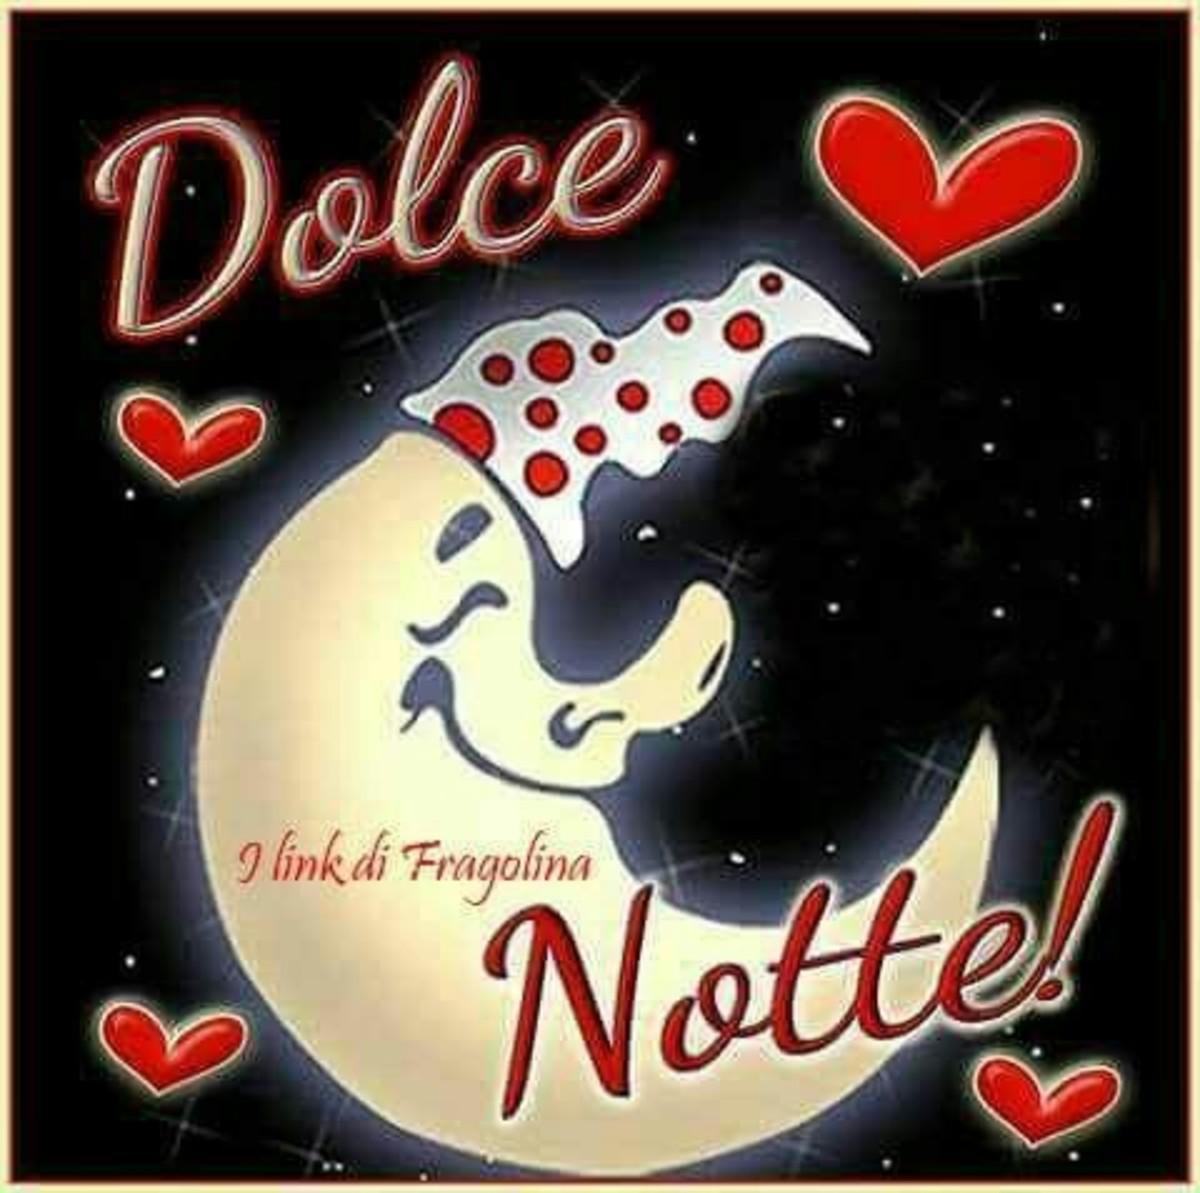 Buonanotte Divertenti 3830 Bellissimeimmagini It